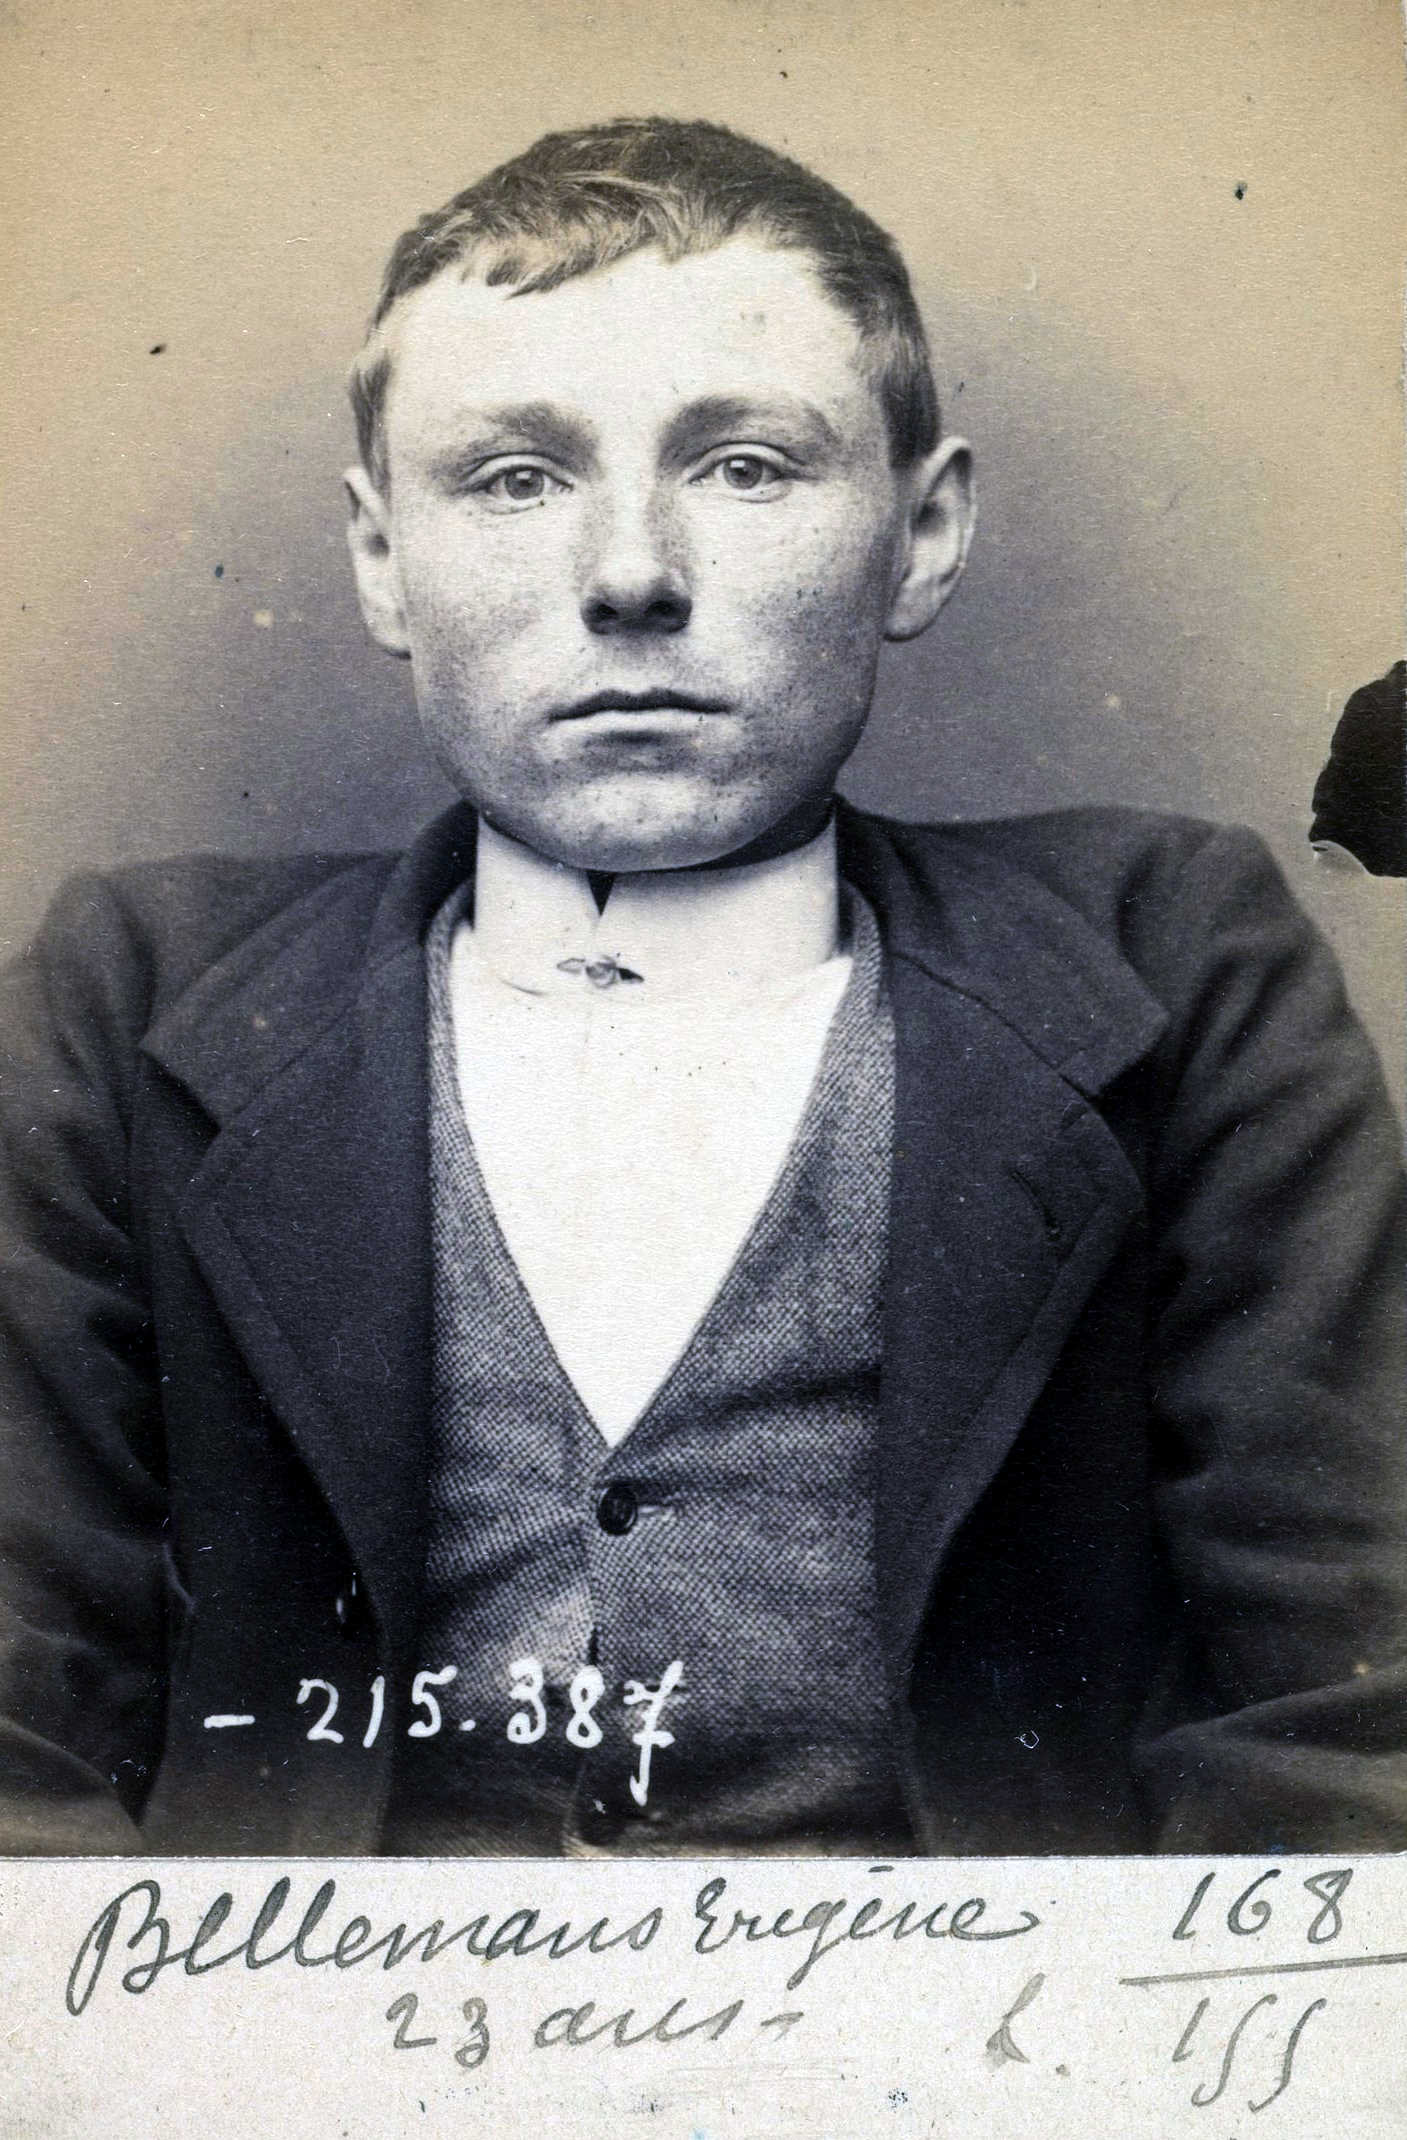 Foto policíaca de Michel Bellemans (3 de setembre de 1894)